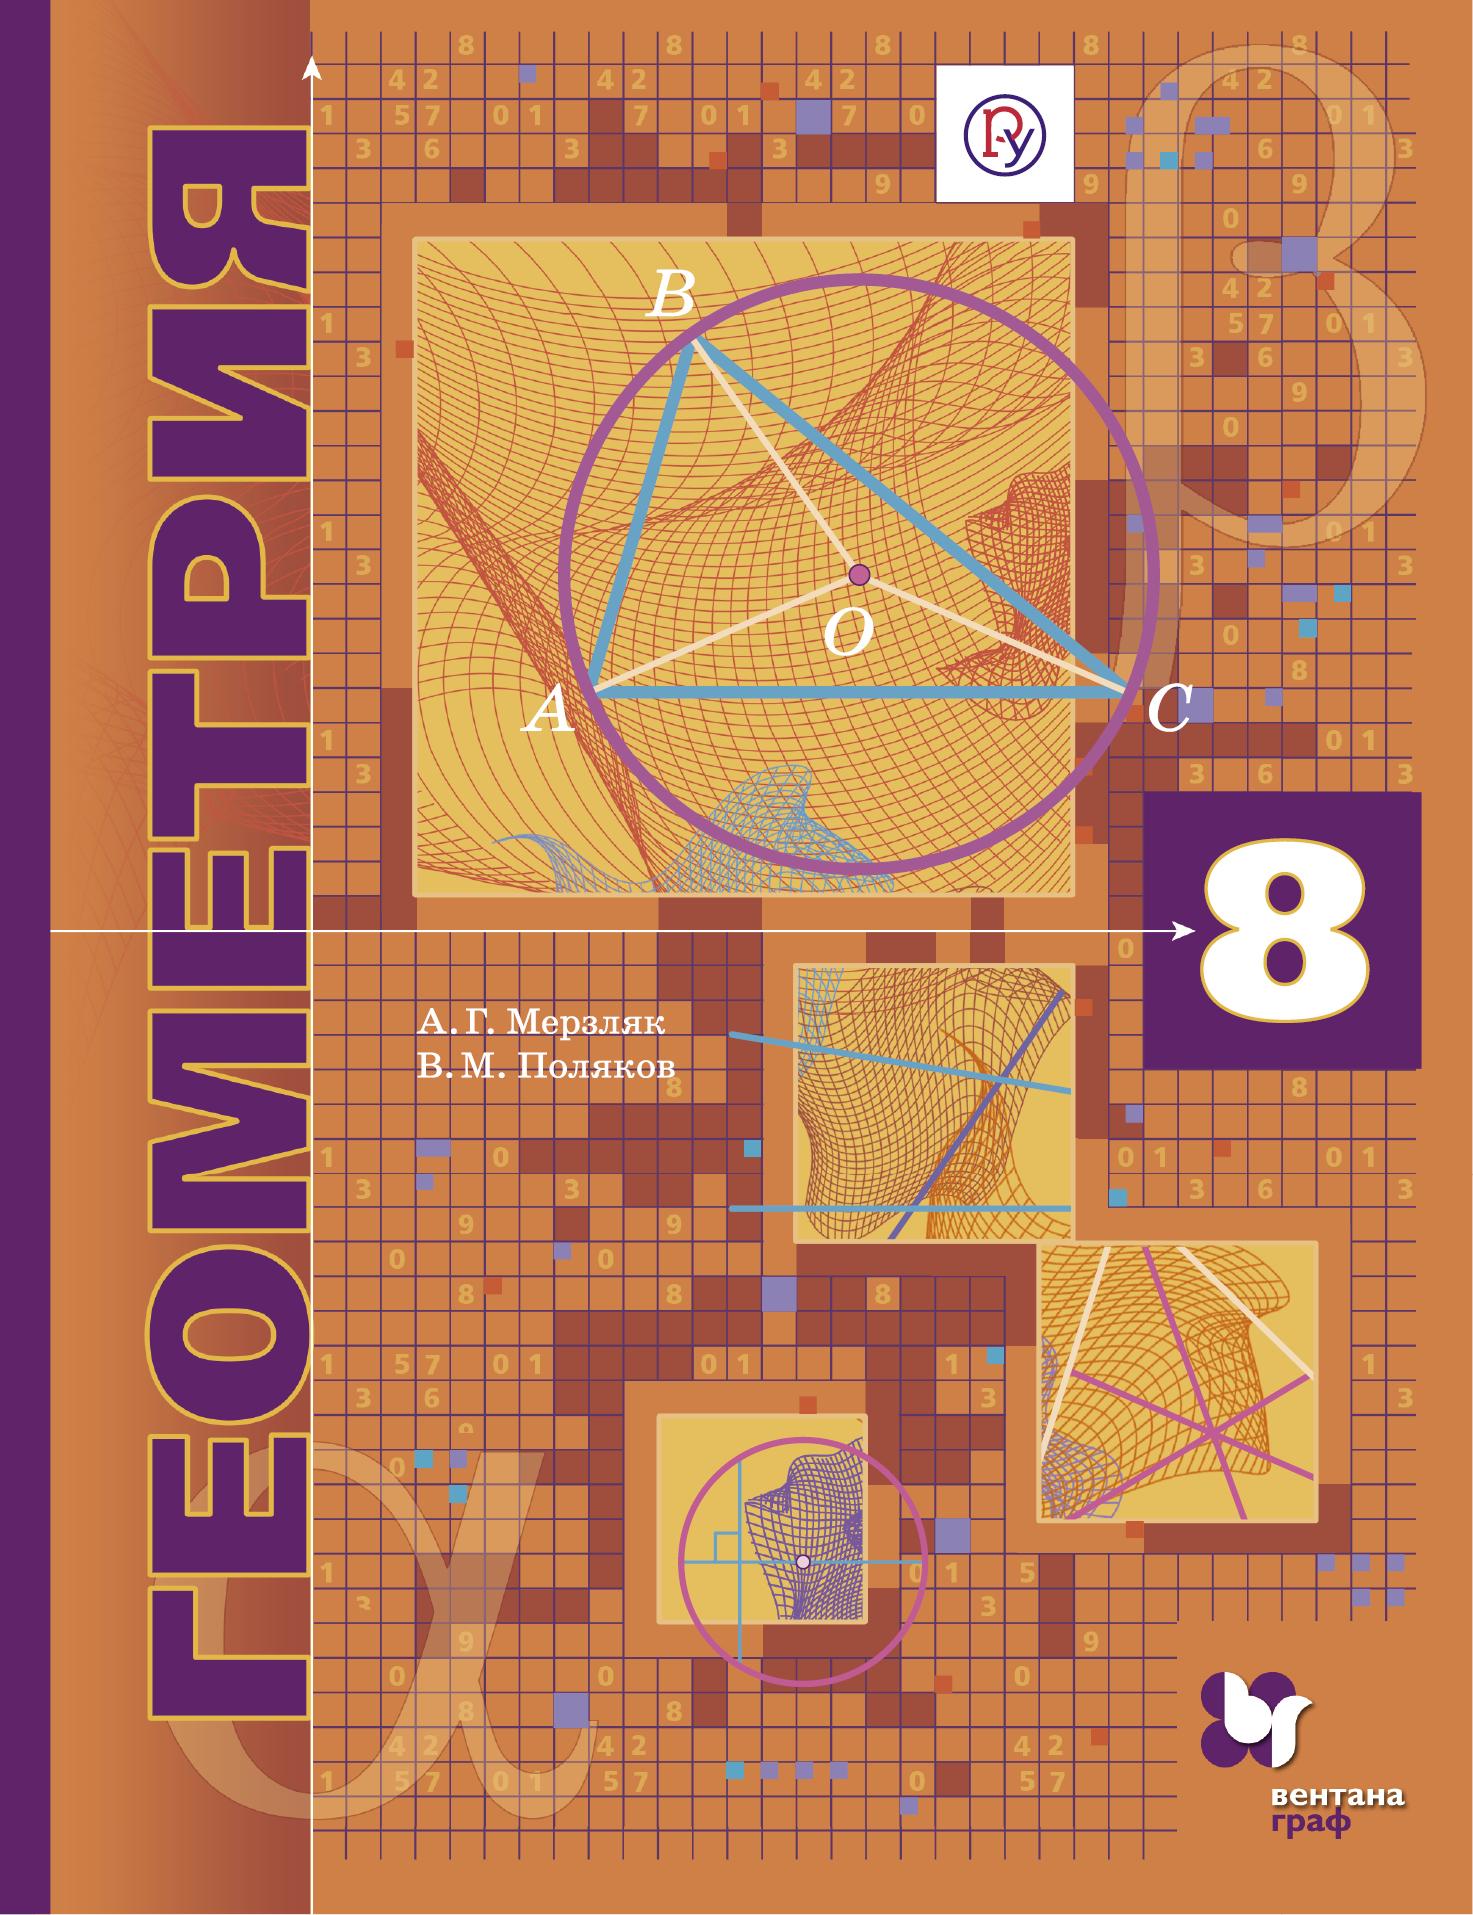 Мерзляк А.Г., Поляков В.М. Геометрия (углубленное изучение). 8 класс. Учебник. цена